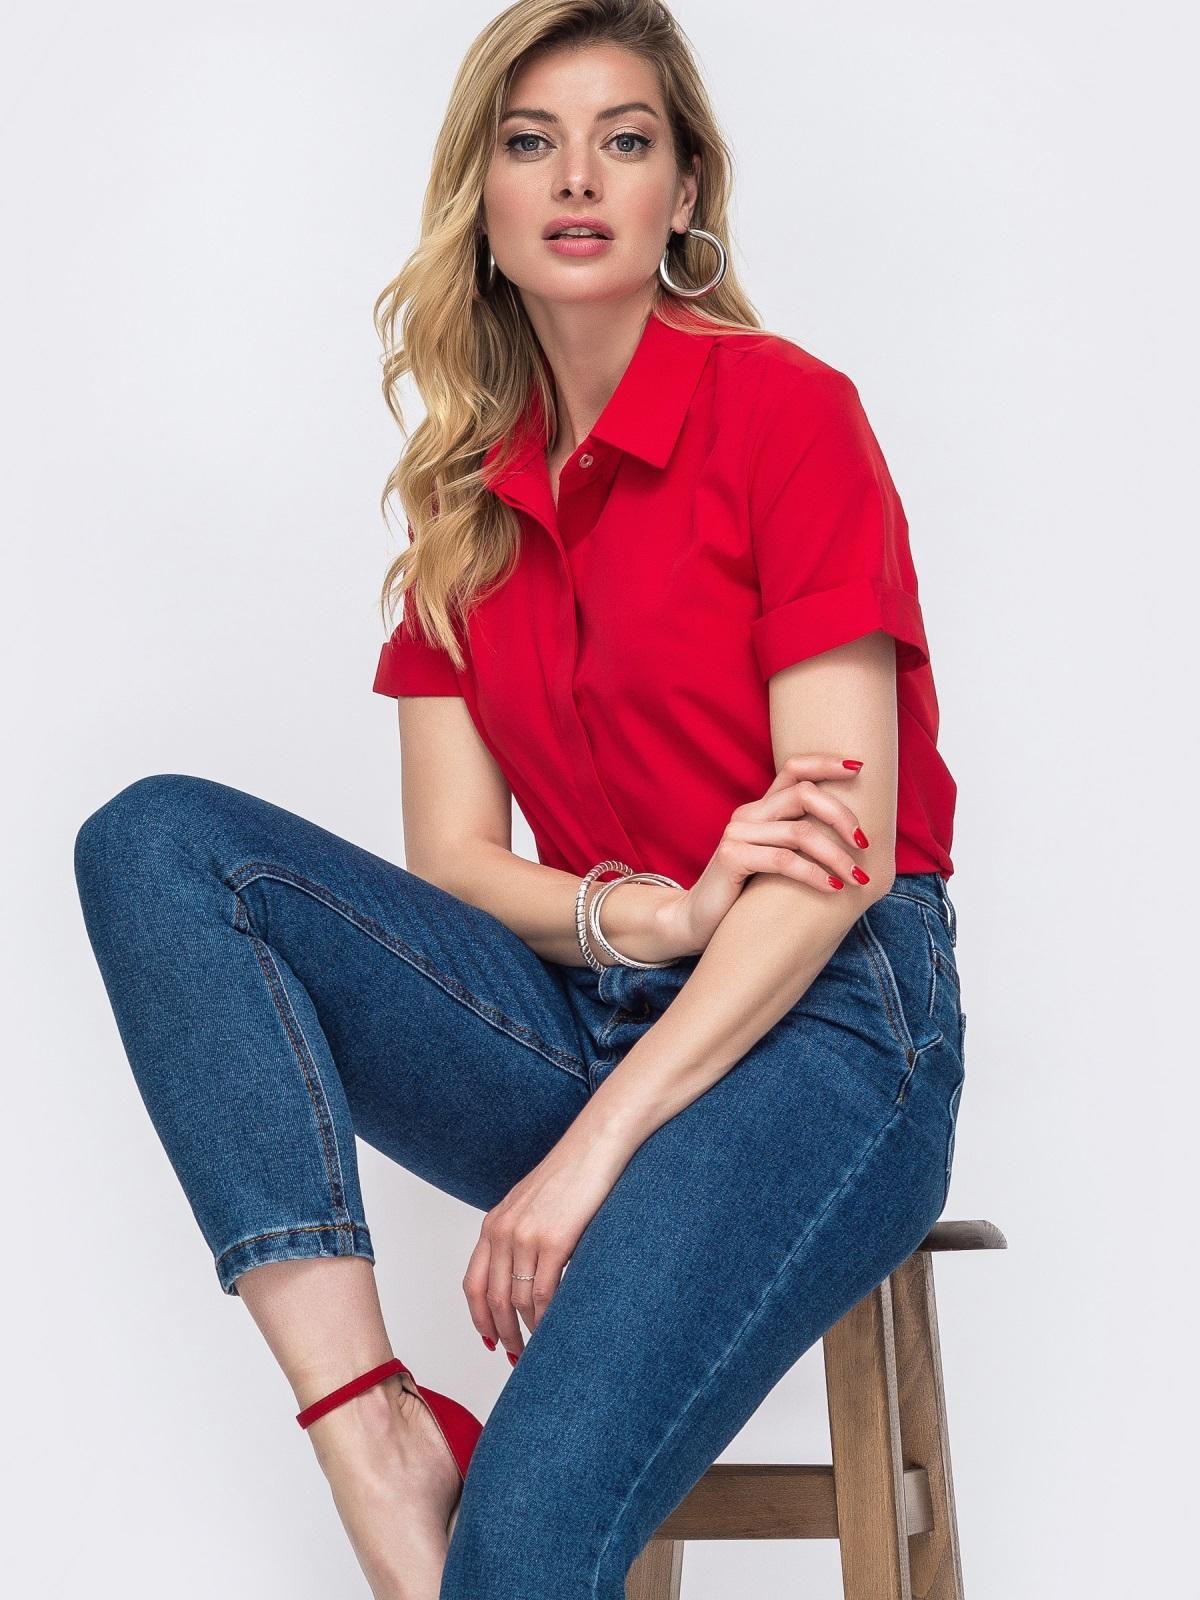 Красная рубашка с коротким рукавом и супатной застёжкой 48598, фото 1